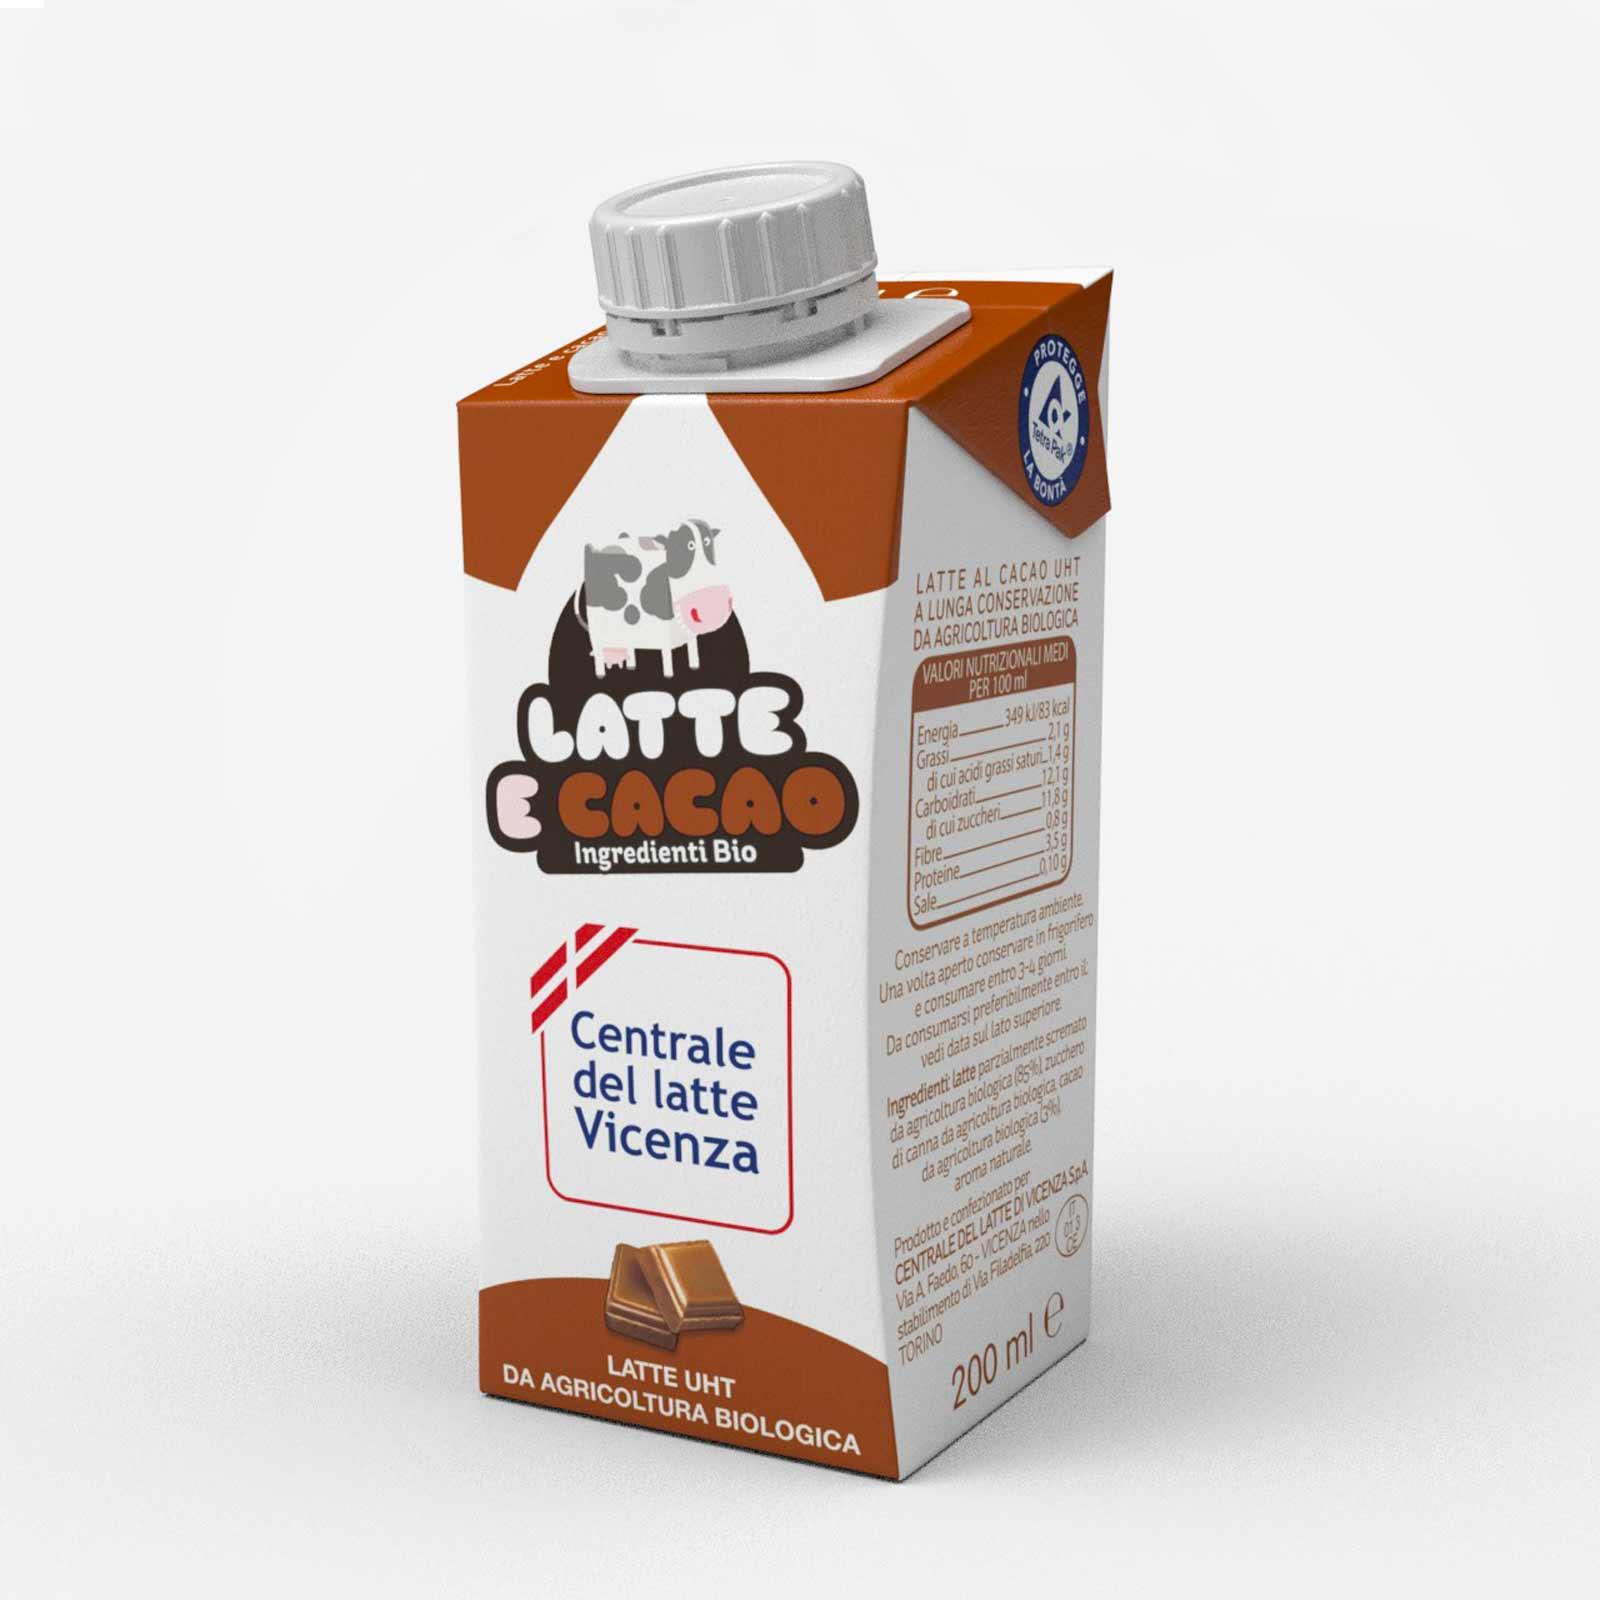 informazioni nutrizionali sul latte intero